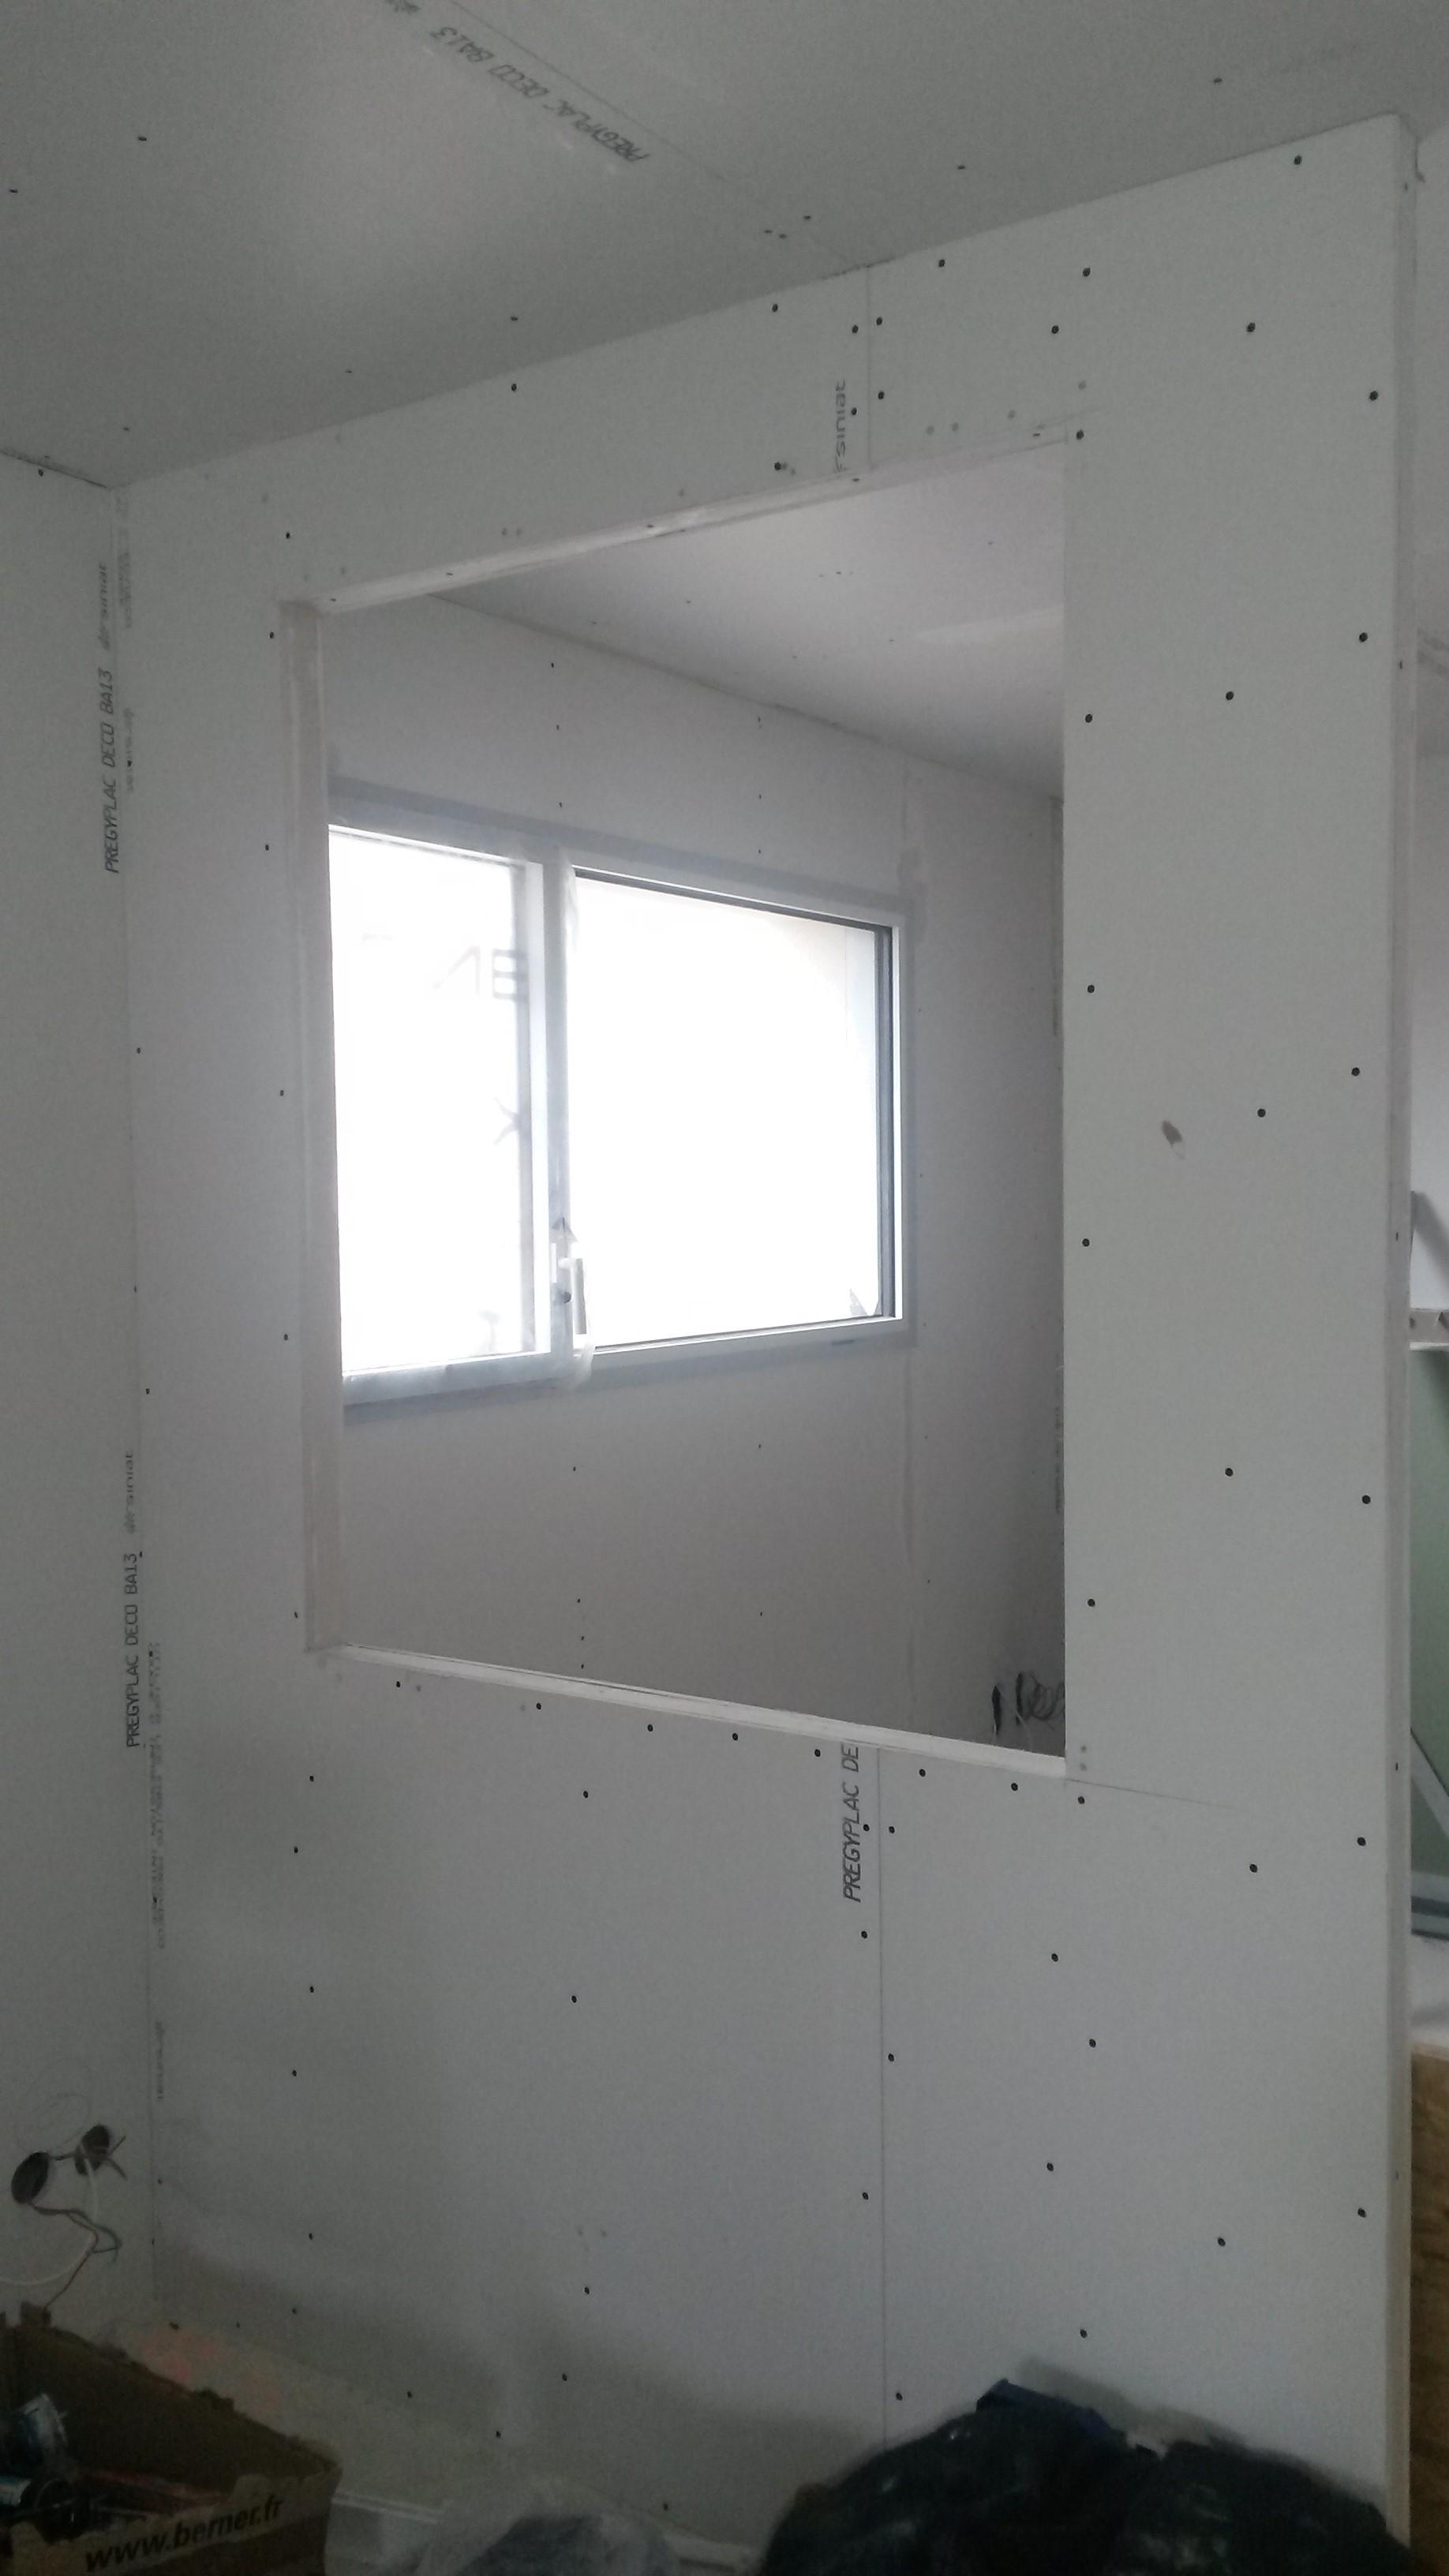 Faire Une Verriere Interieure Style Atelier Pas Cher Construction De Notre Maison Rt2012